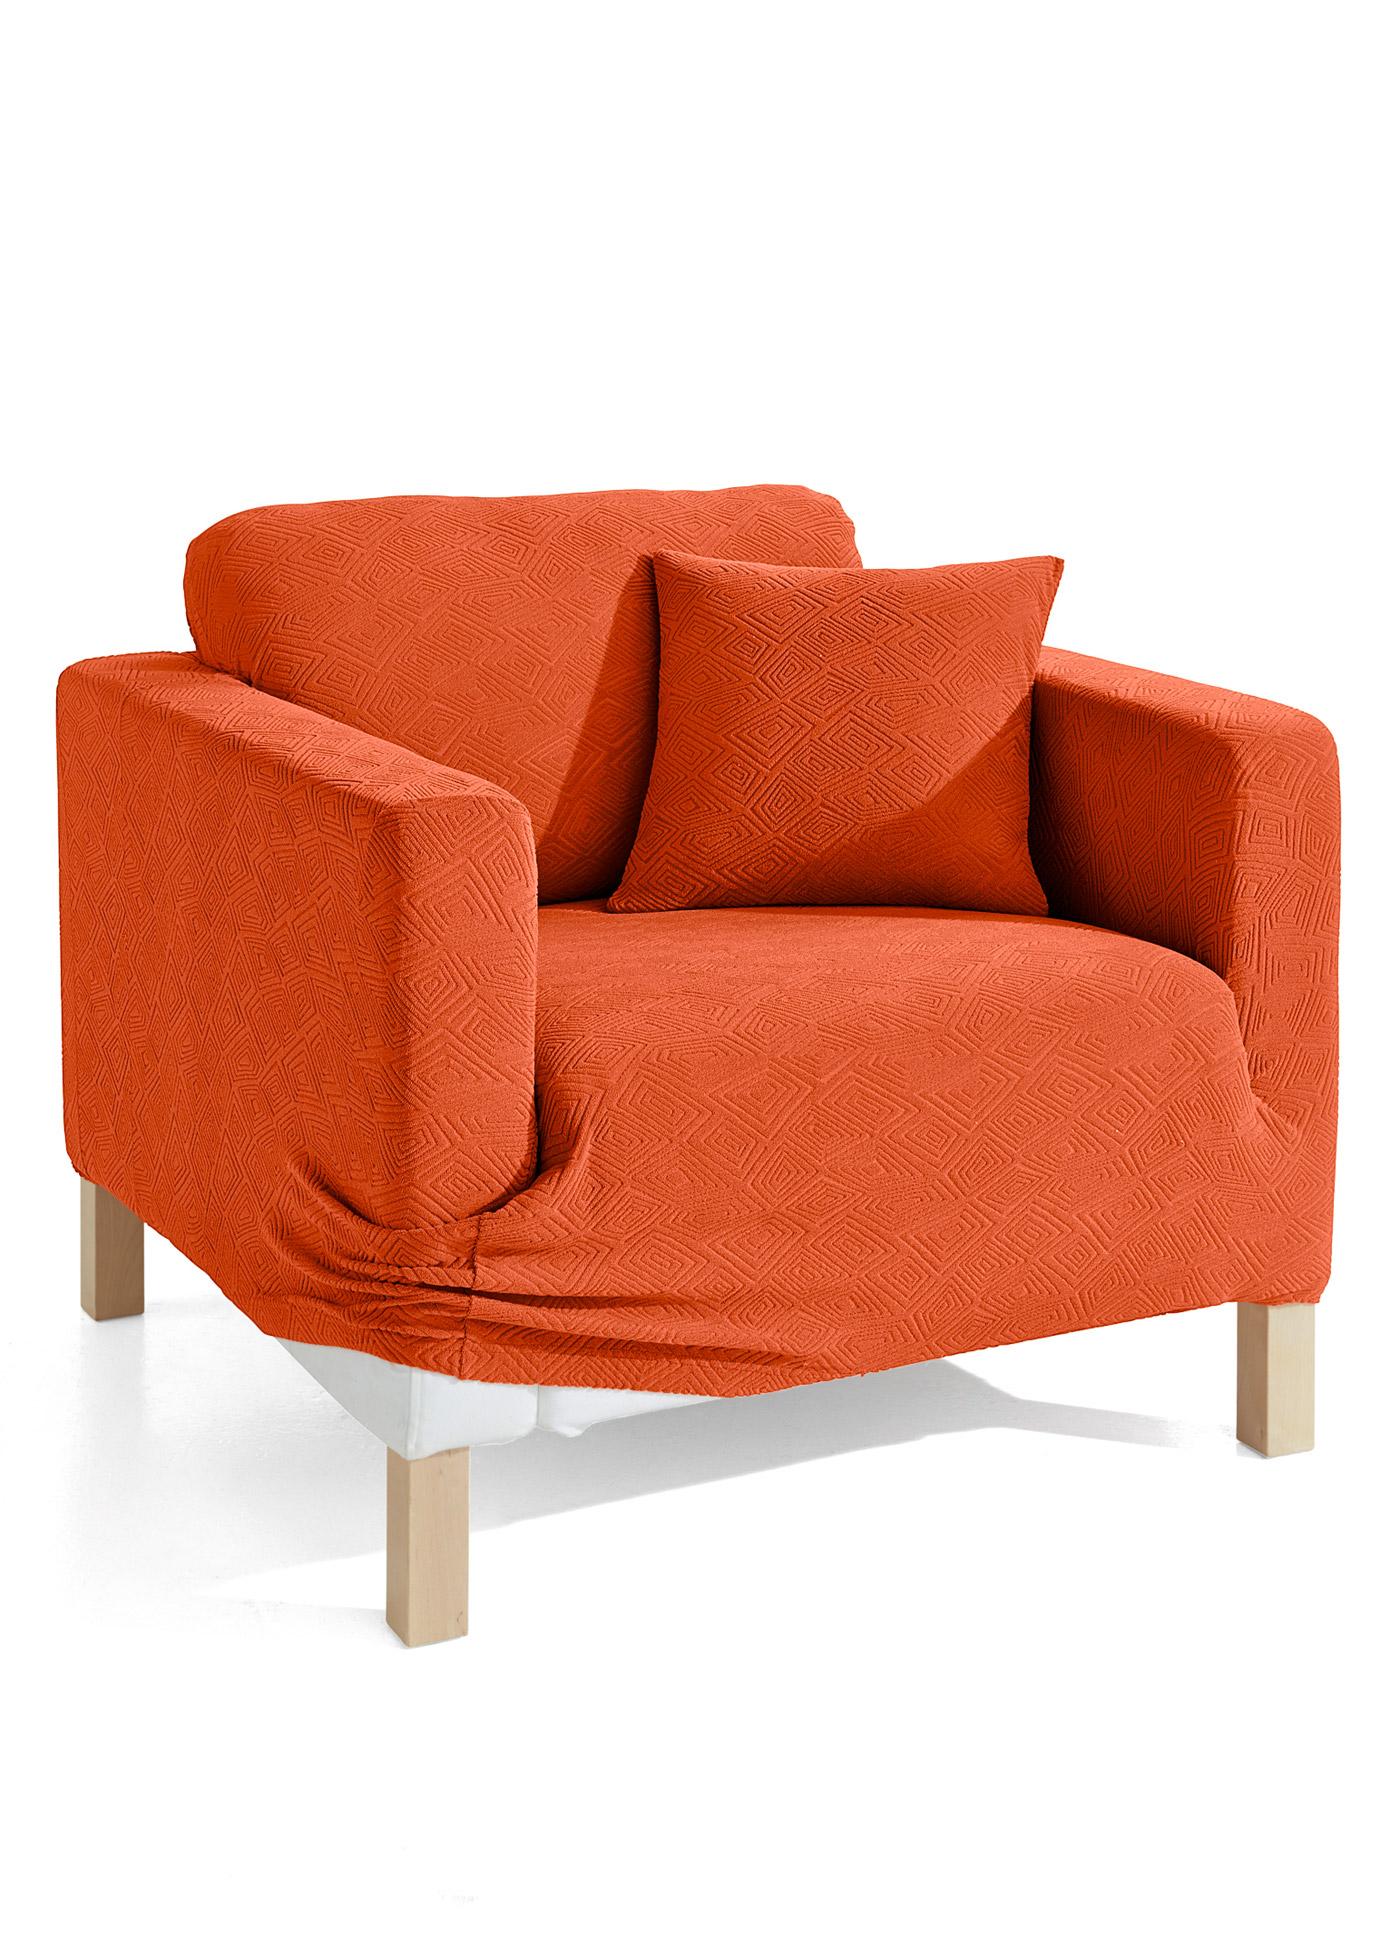 Copridivano Ethno (Arancione) - bpc living